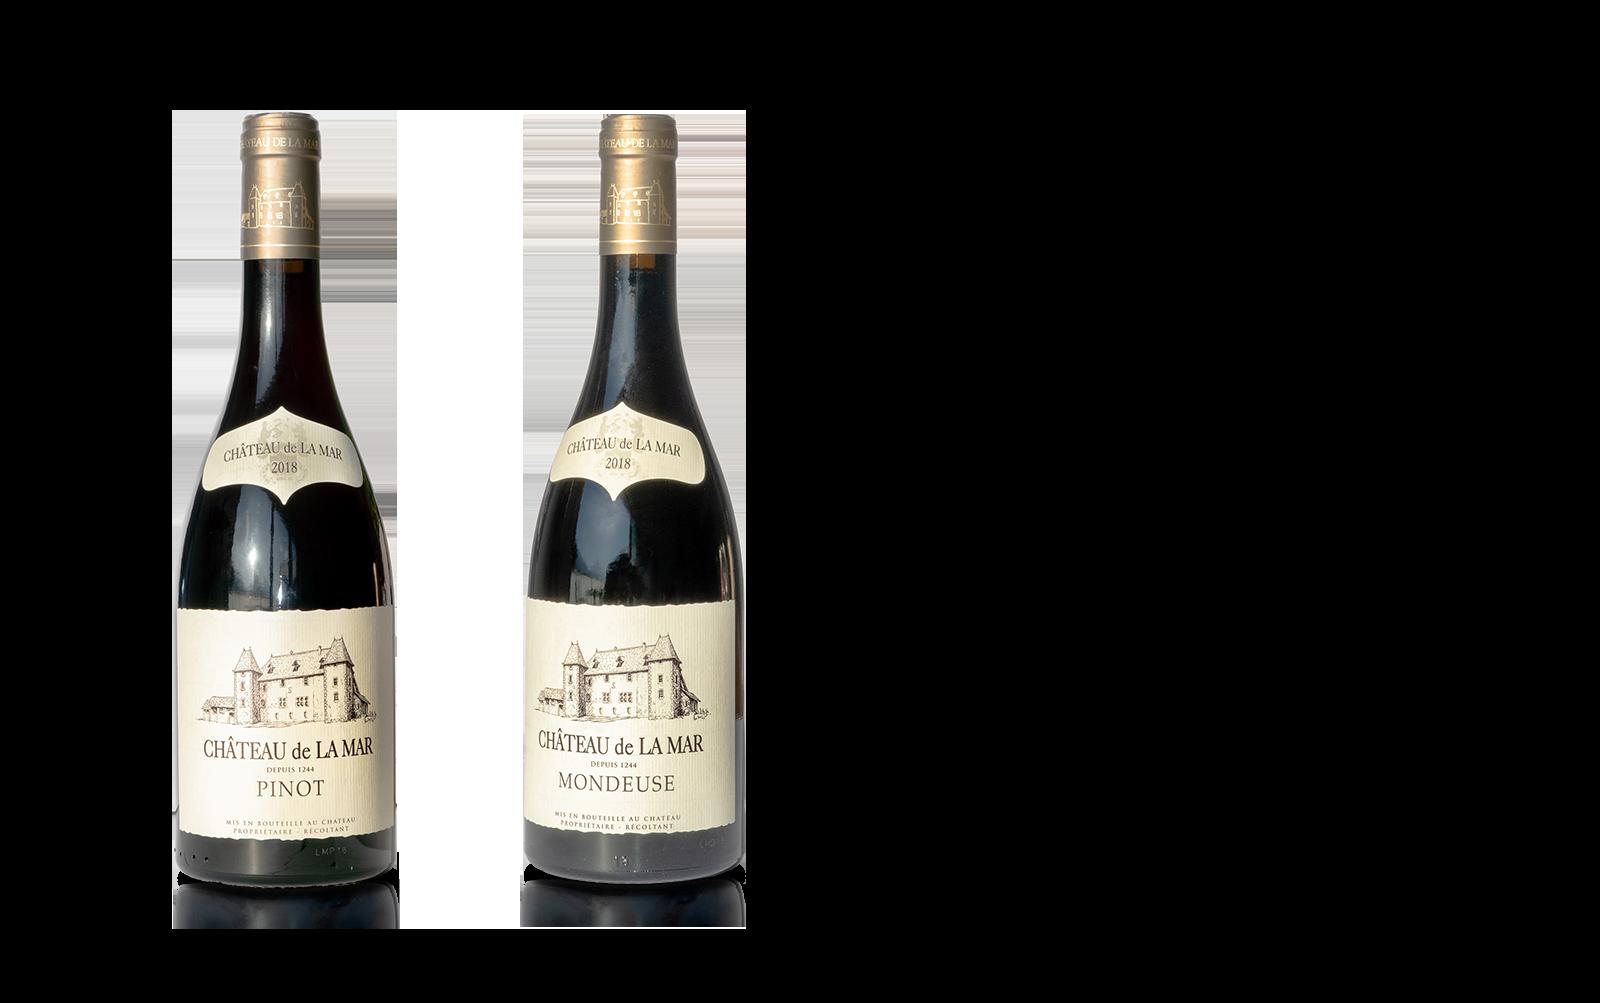 Pinot et Mondeuse de Savoie Vins Rouges Du Chateau de La Mar